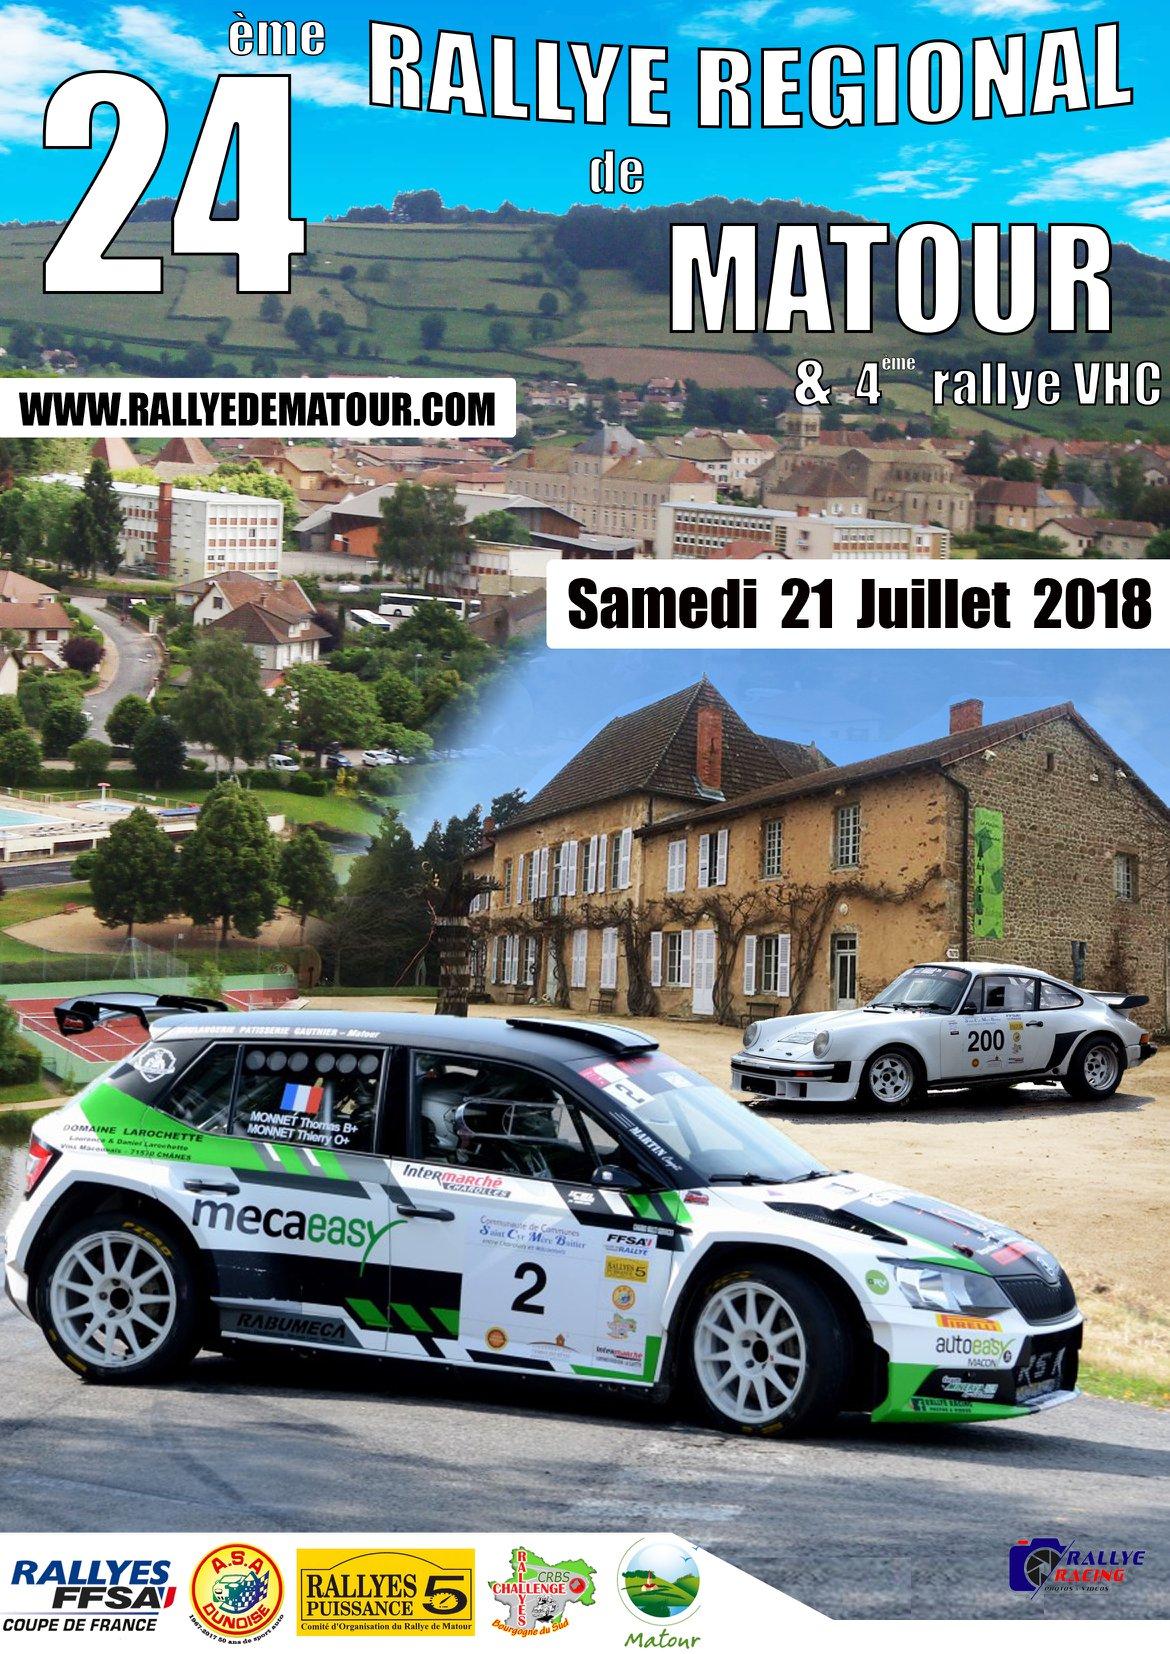 Rallye 71